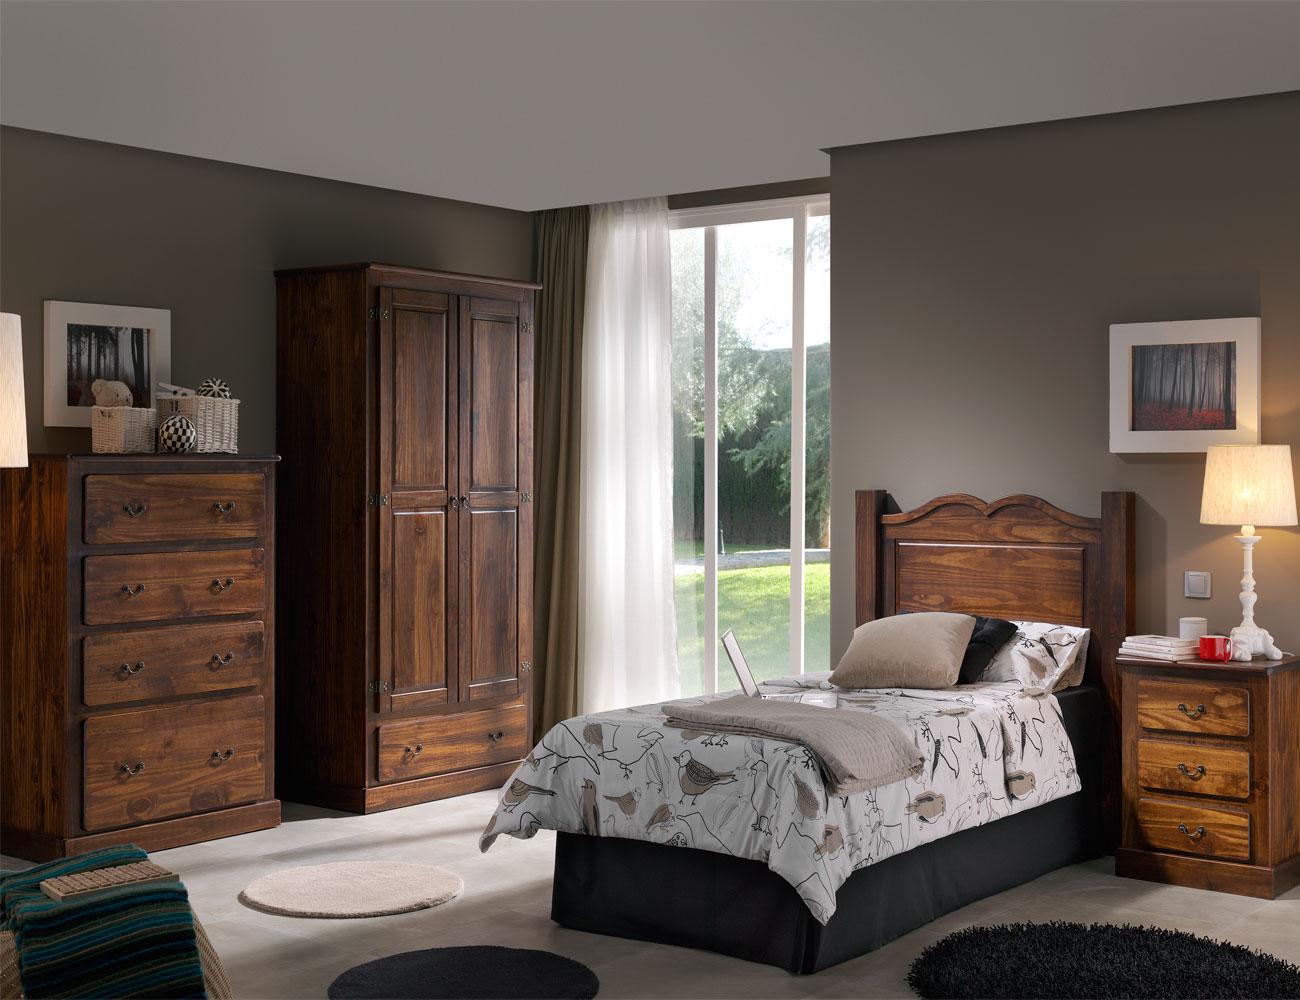 Dormitorio juvenil comoda armario